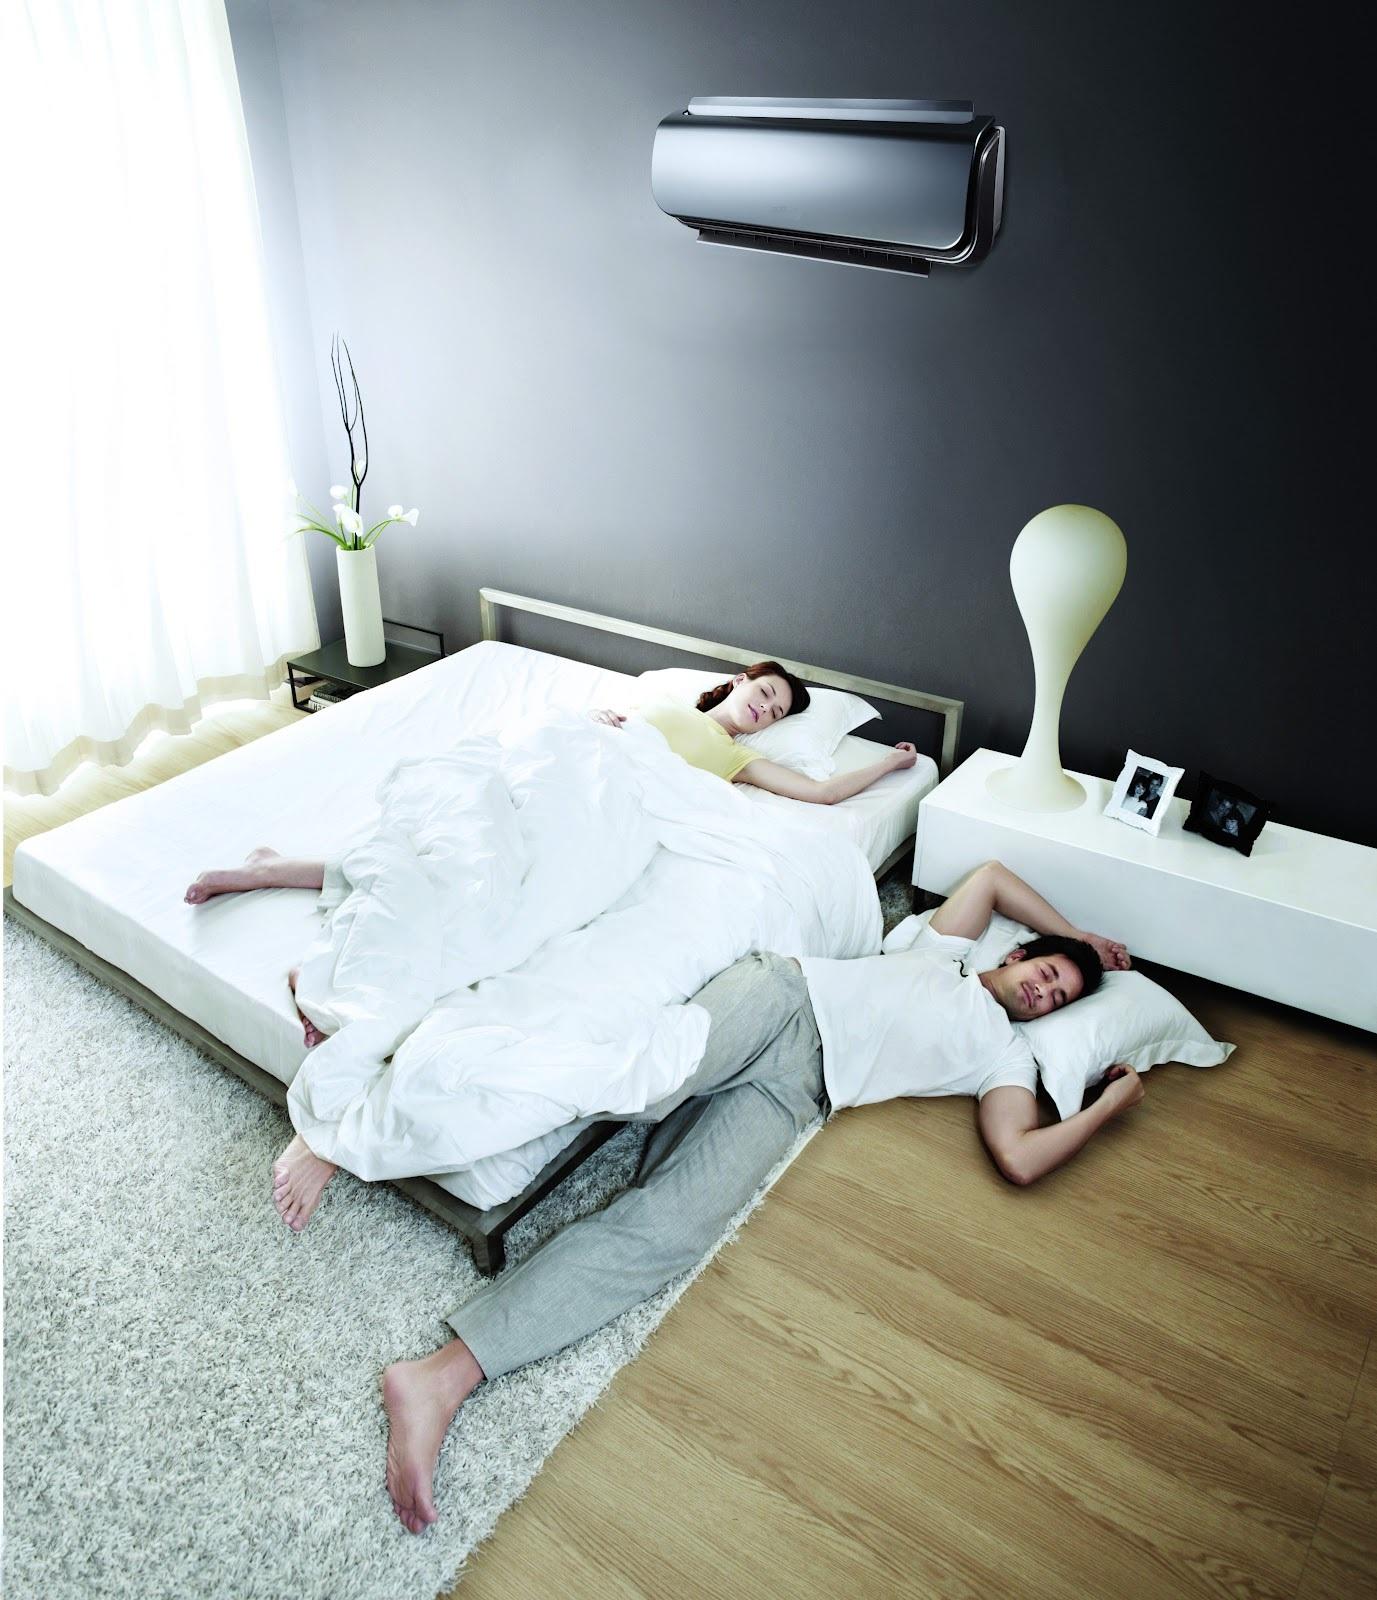 http://domoticall.com/es/blog-esp/5-consejos-para-usar-mejor-el-aire-acondicionado